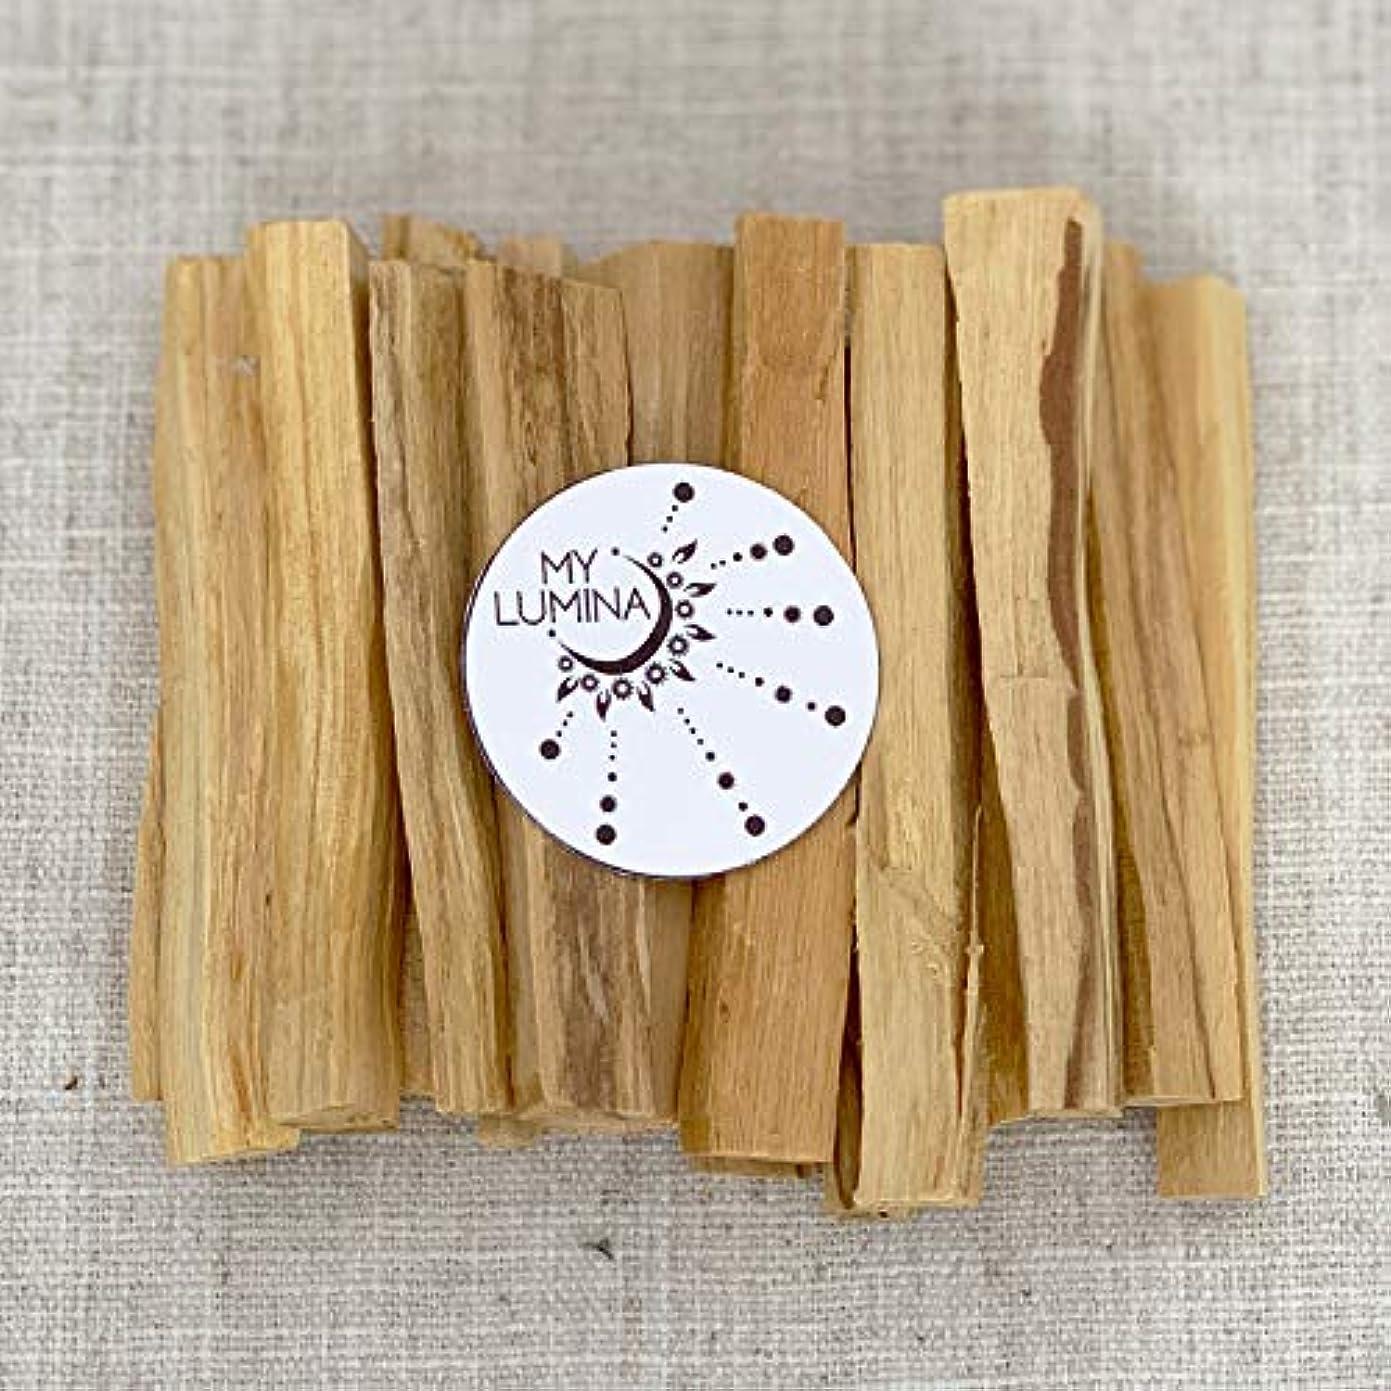 のスコアデータム耐えるパロサントスティック パロサント 聖なる木のお香スティック 浄化 癒し スマッジングチャクラバランス 幸運 瞑想 6 Pack, 12 Pack, 20 Pack